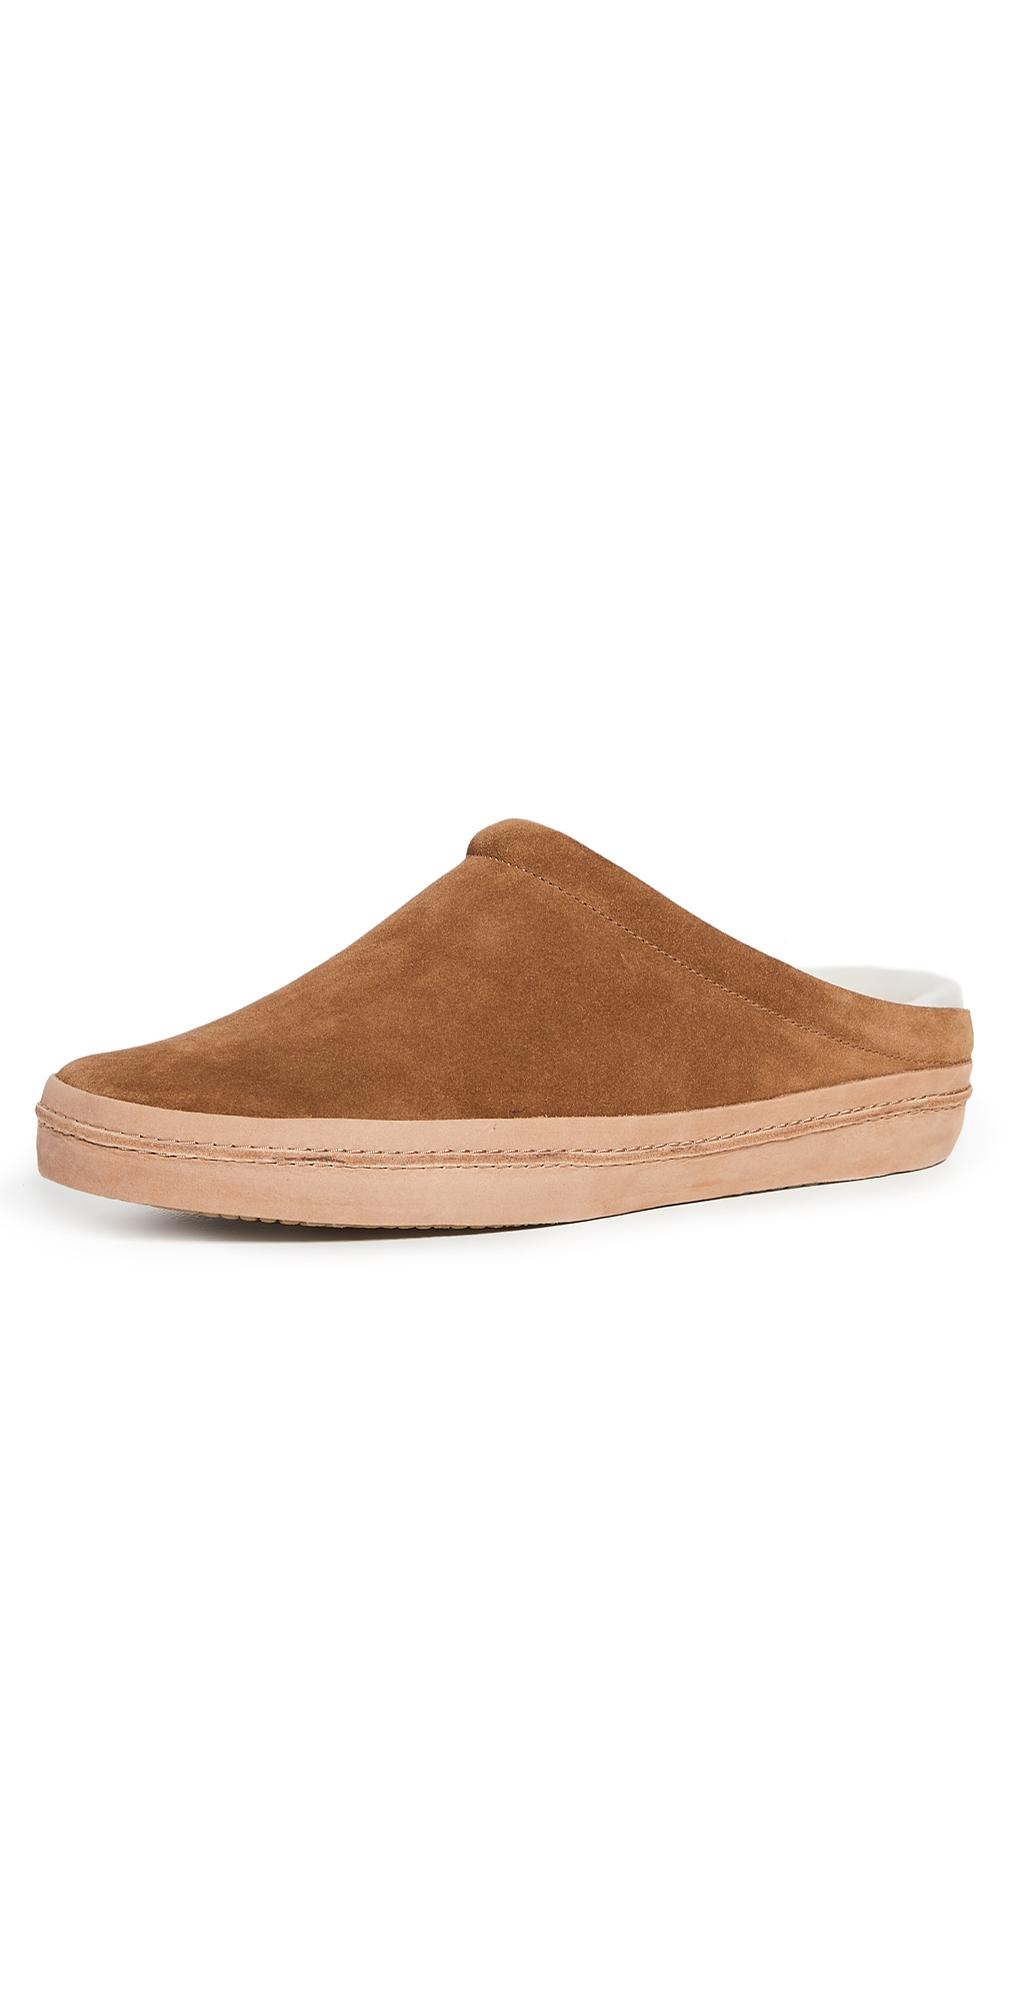 Vince Porter Slippers